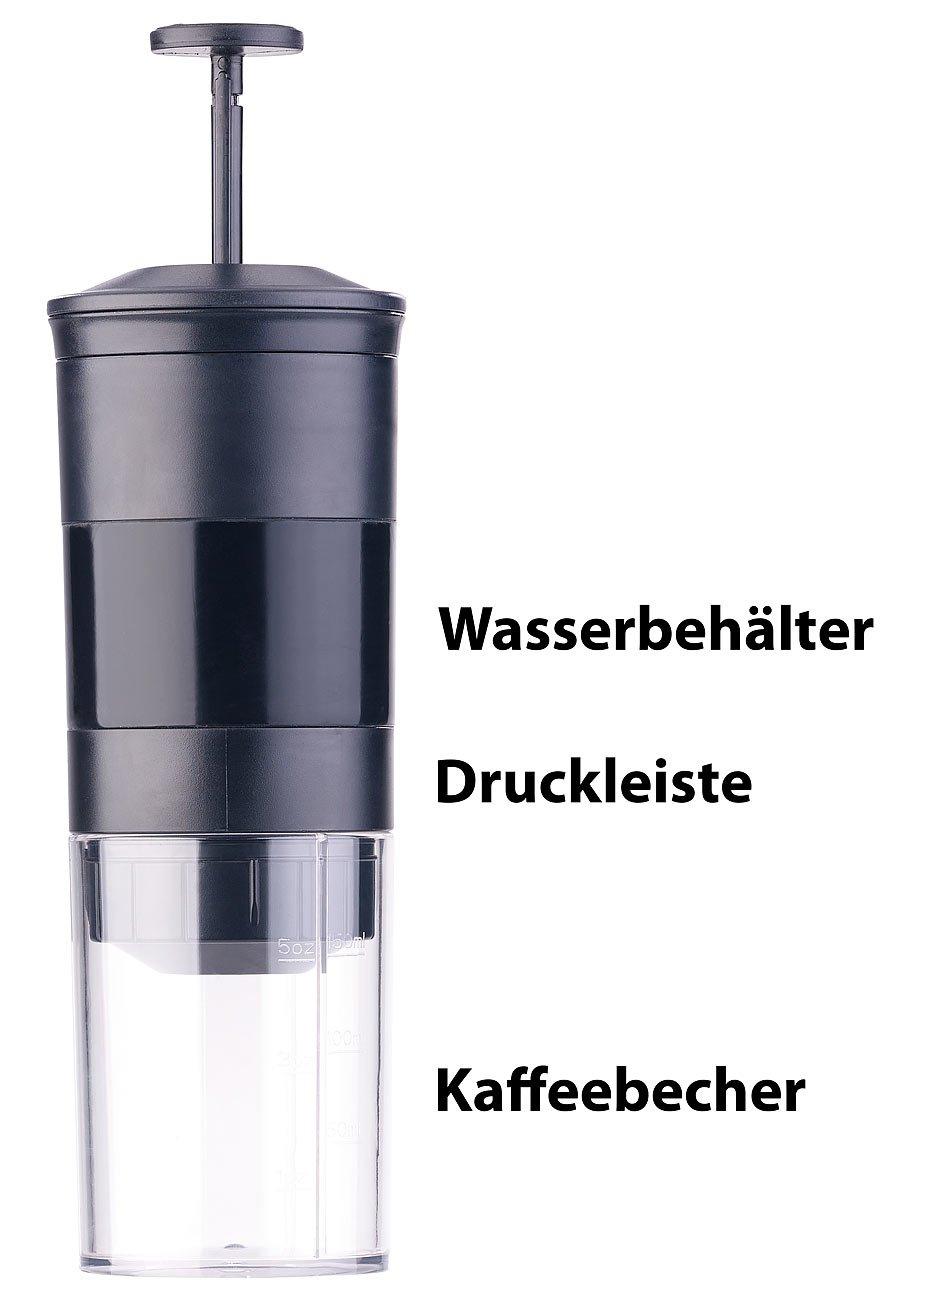 Rosenstein-Shne-Kaffemaschine-Manuelle-Kaffee-und-Espressomaschine-mit-Kaffeekapsel-Adapter-16-bar-Manuelle-Espresso-Maschinen